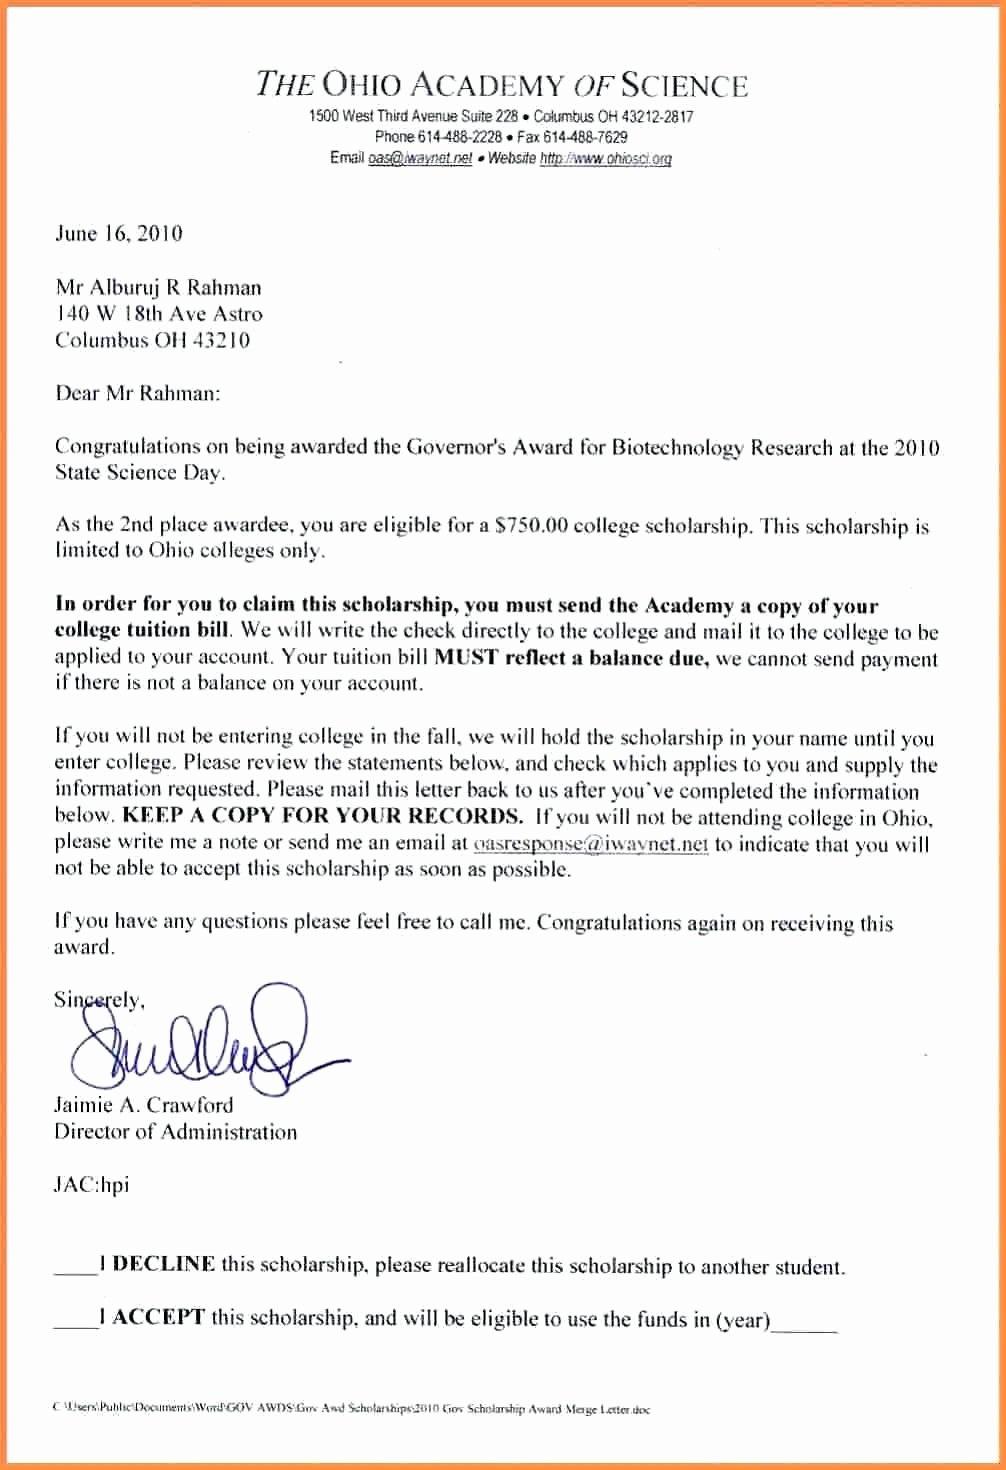 Scholarship Award Letter Template  Mathosproject Within Scholarship Award Letter Template